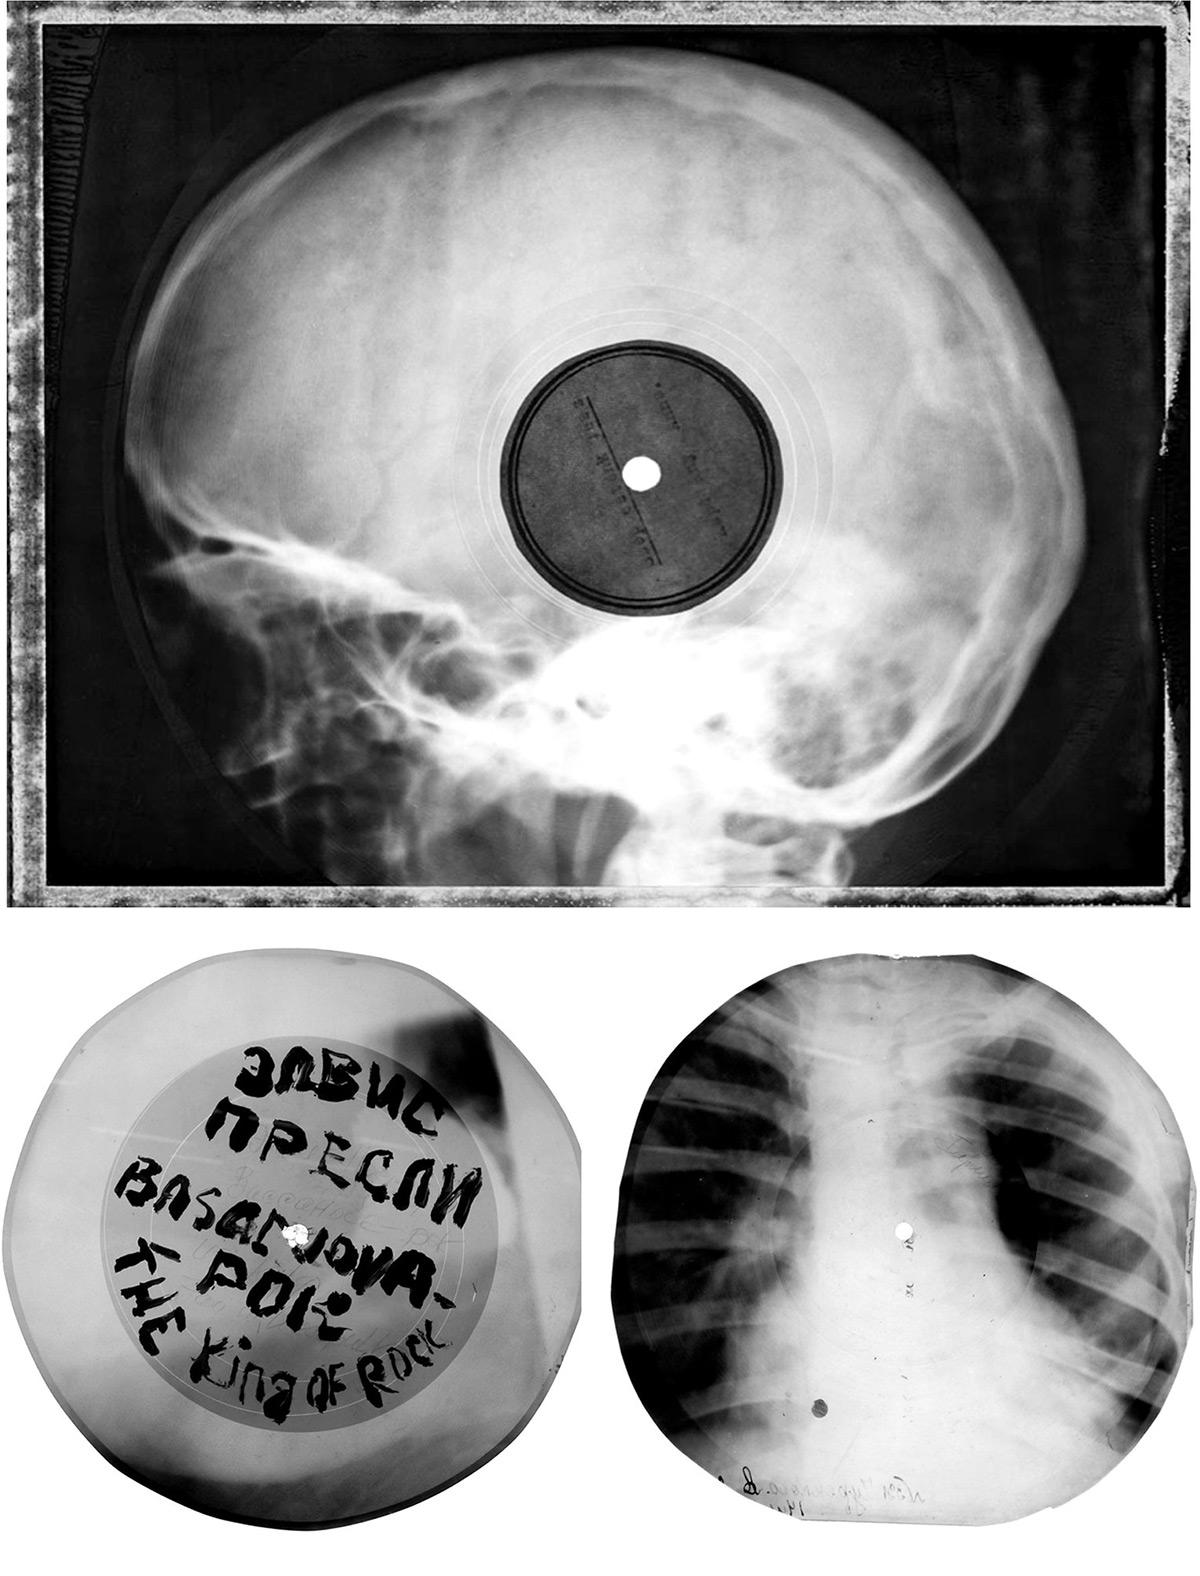 radiografias_vinilos_1